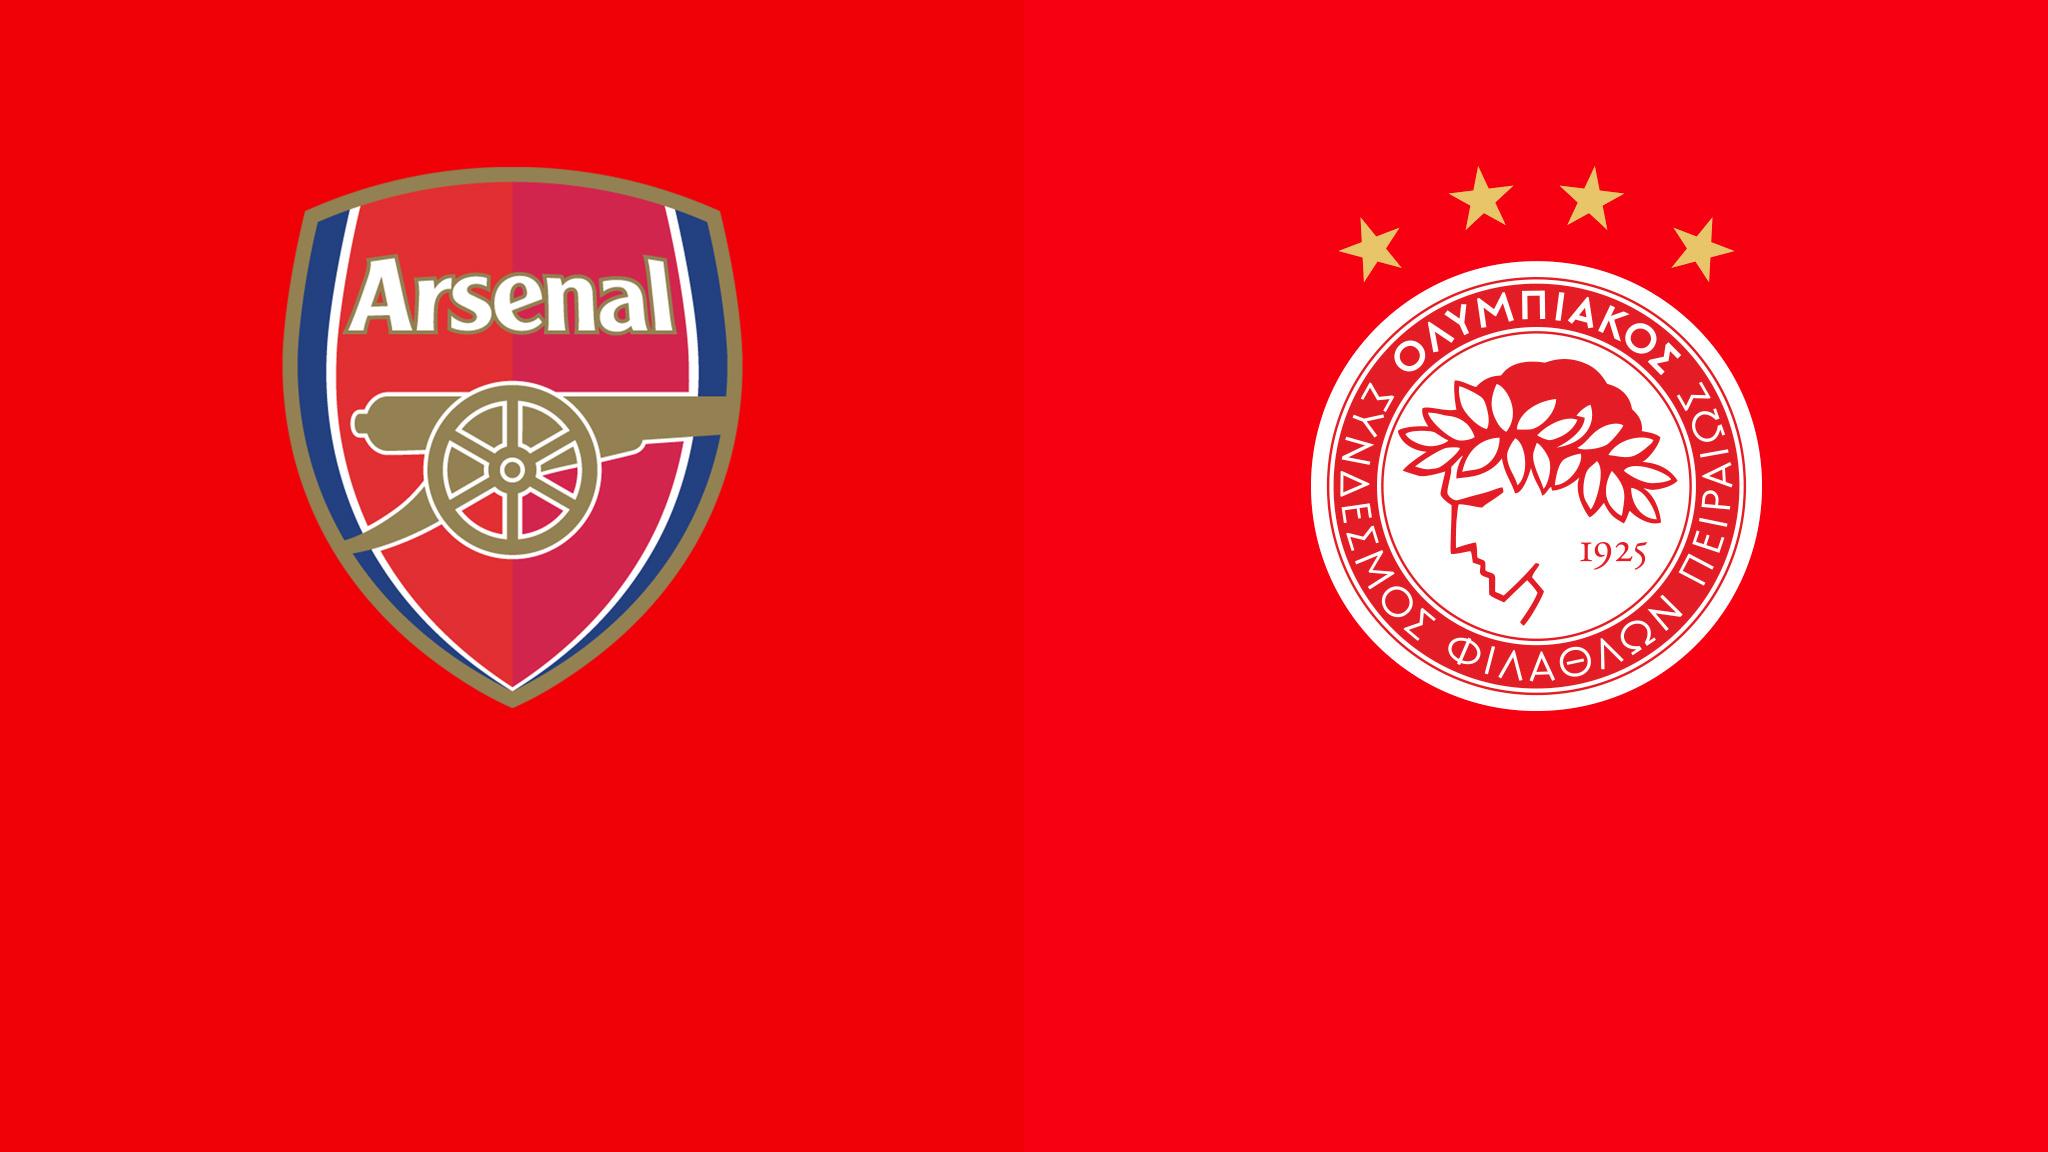 Olympiacos vs Arsenal